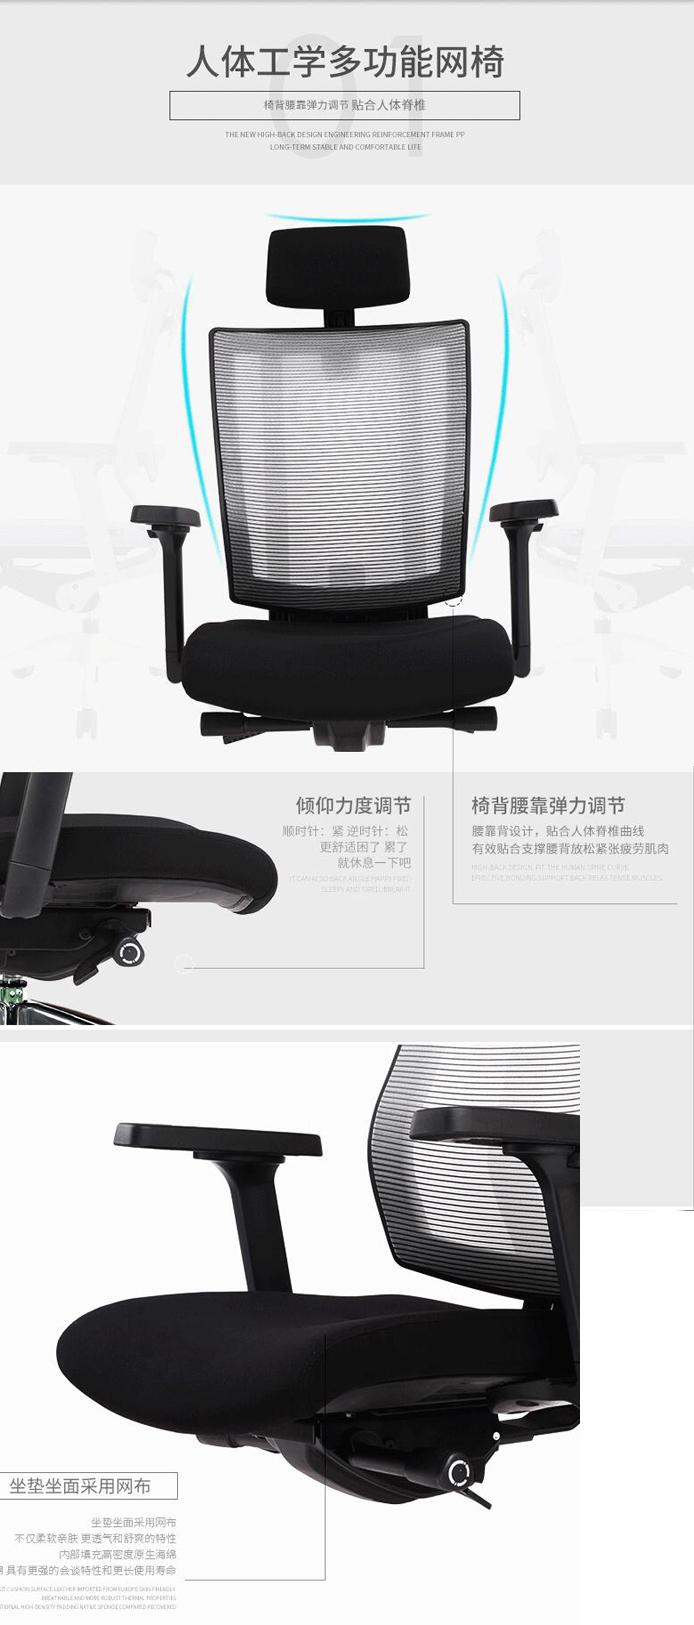 PROMAX办公椅 办公椅 学校办公家具 学校家具 校园家具-【OF365学校家具网】